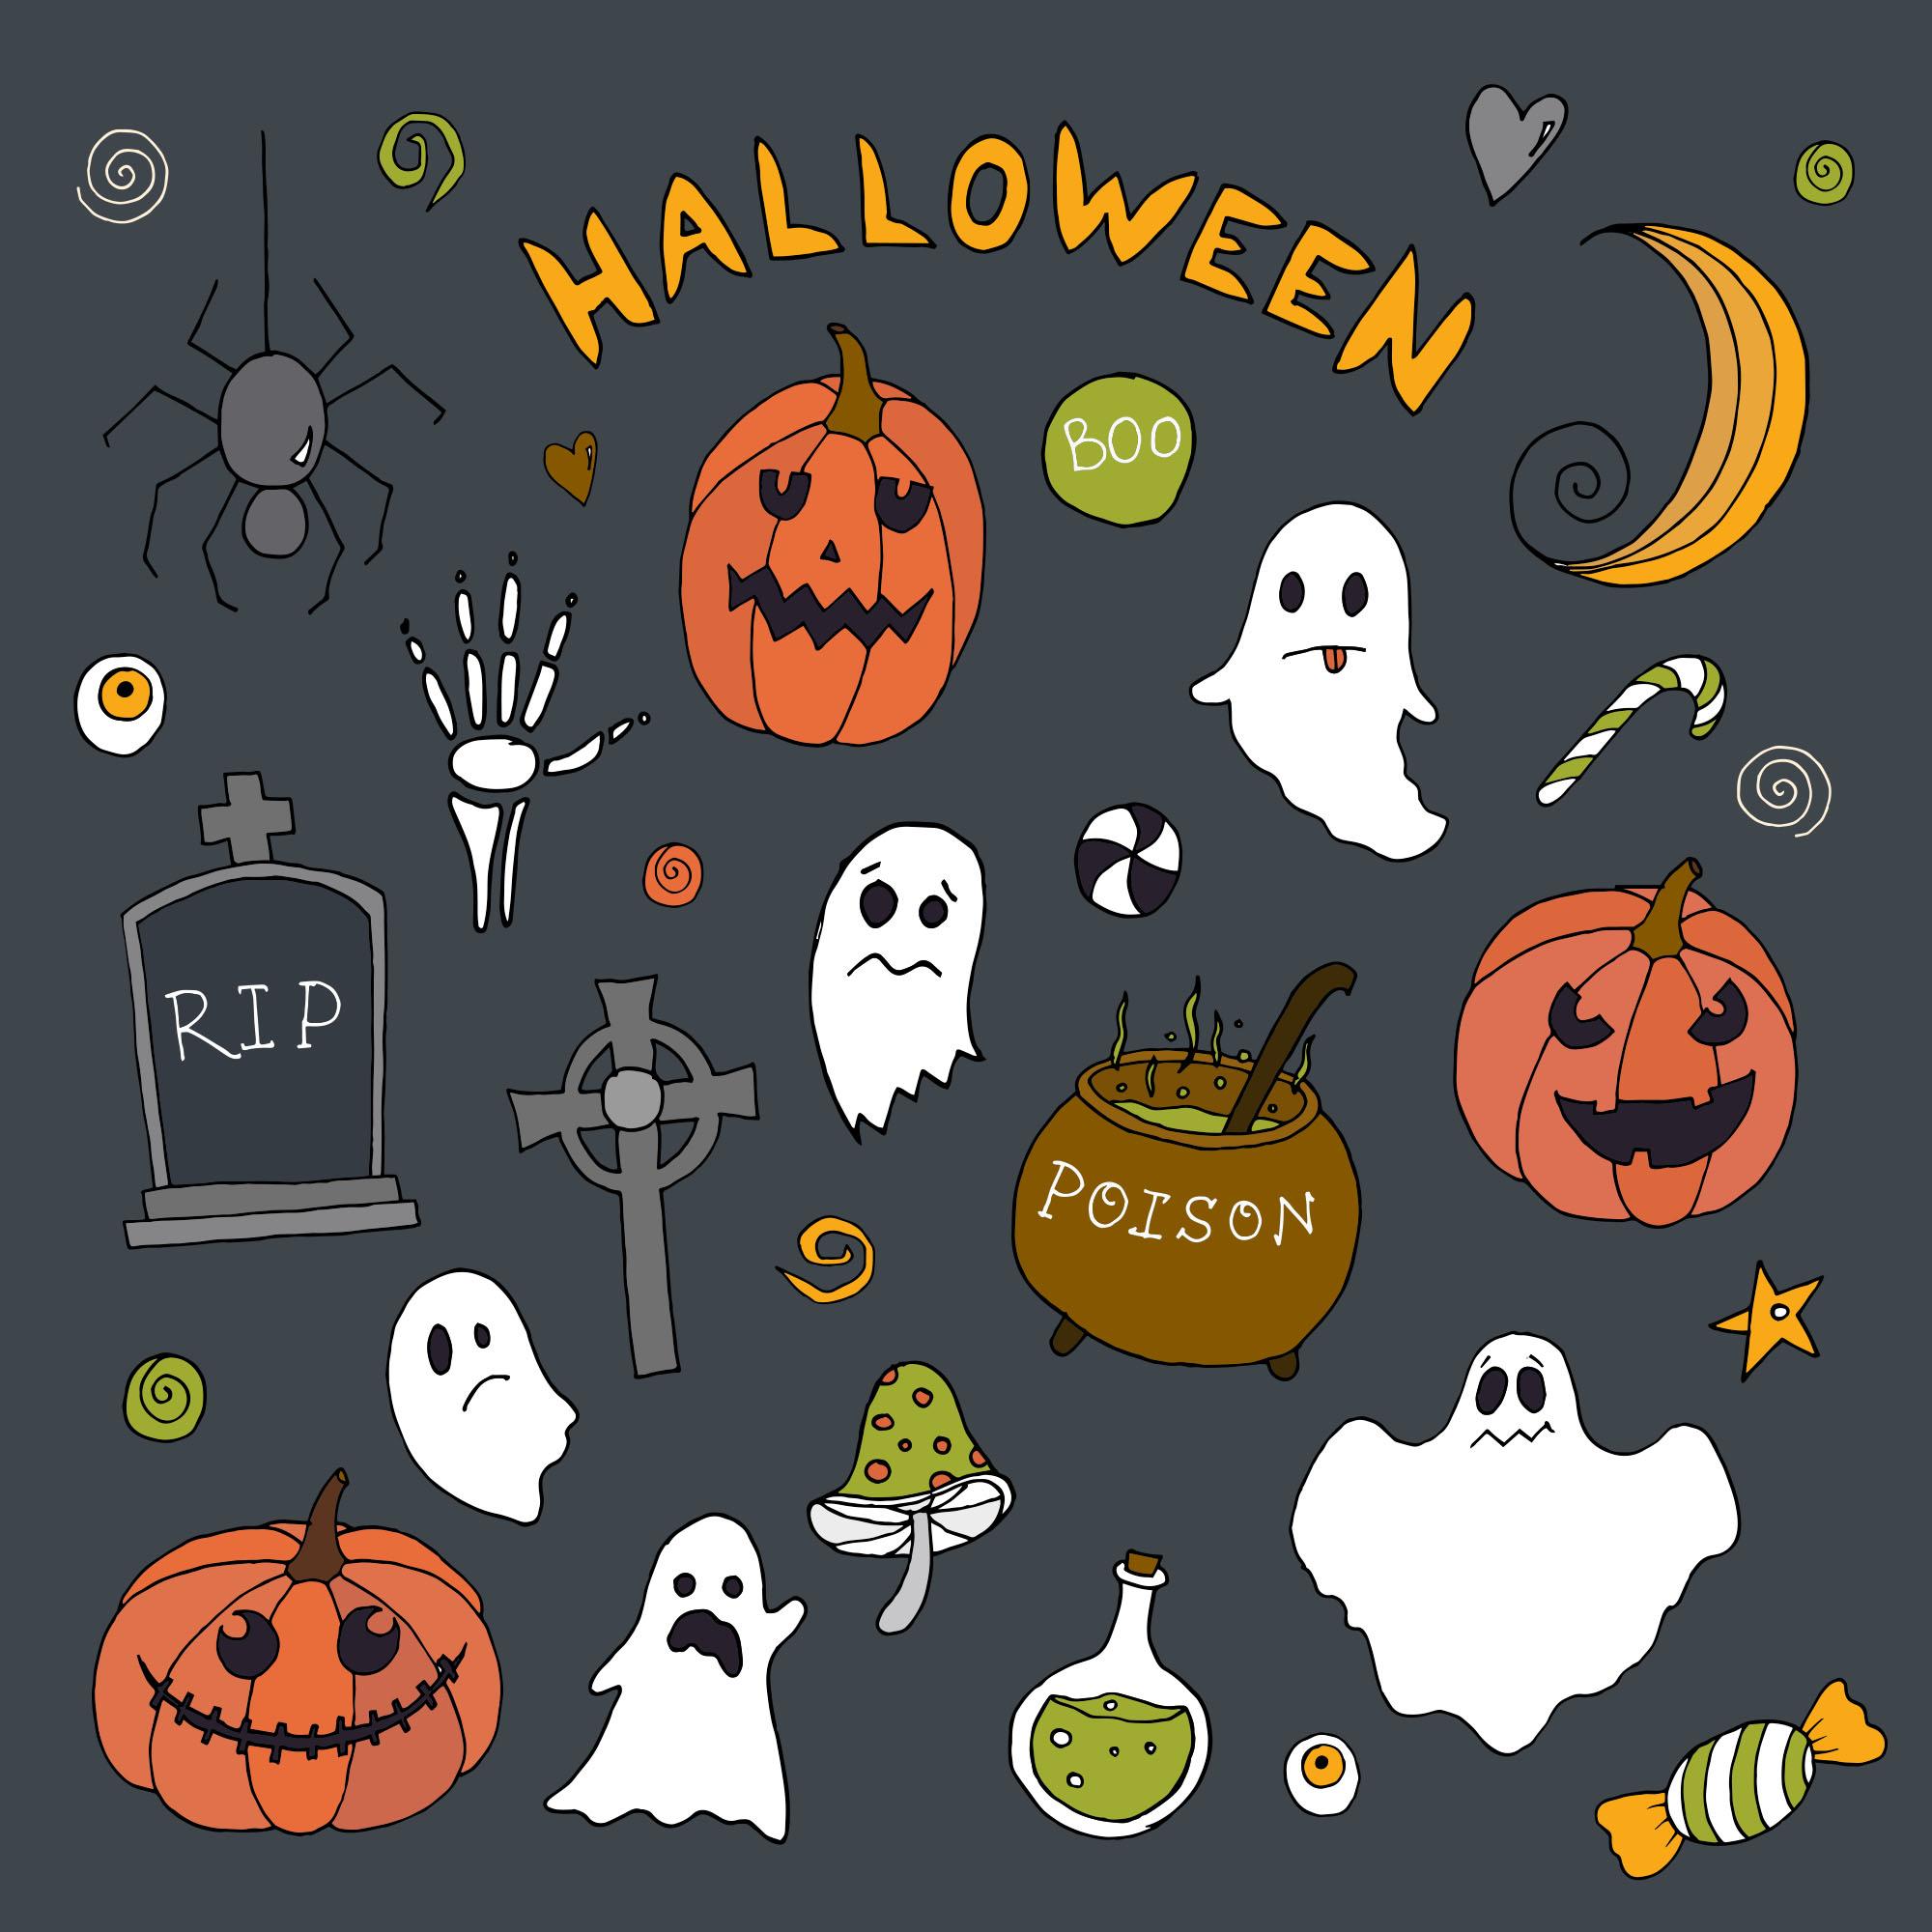 可爱万圣节矢量图案平面设计素材包 Halloween Vector Elements & Patterns – Part II插图(1)